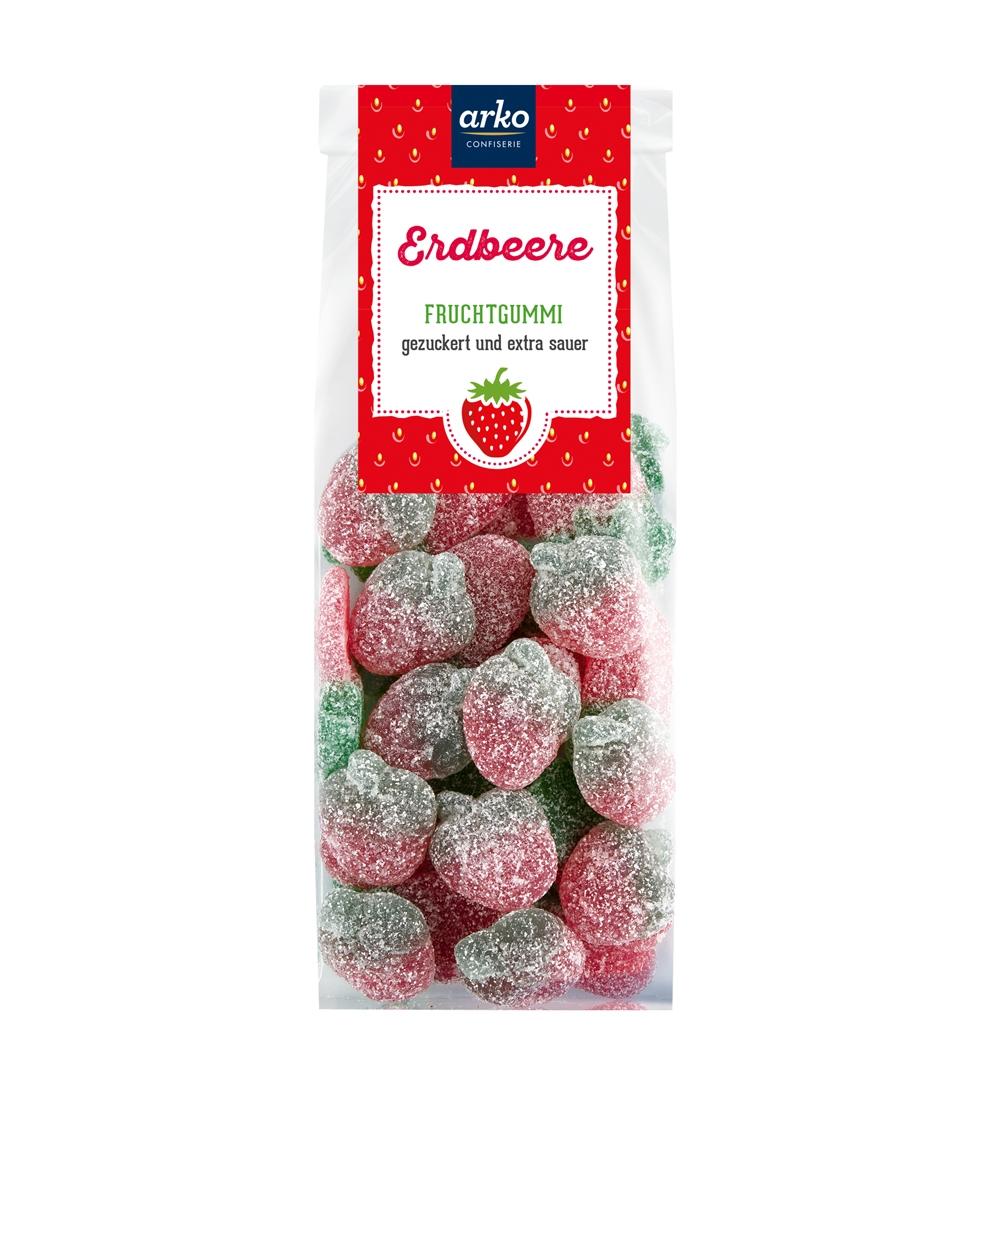 fruchtgummi-erdbeeren-gezuckert-extra-sauer-von-arko-250-g